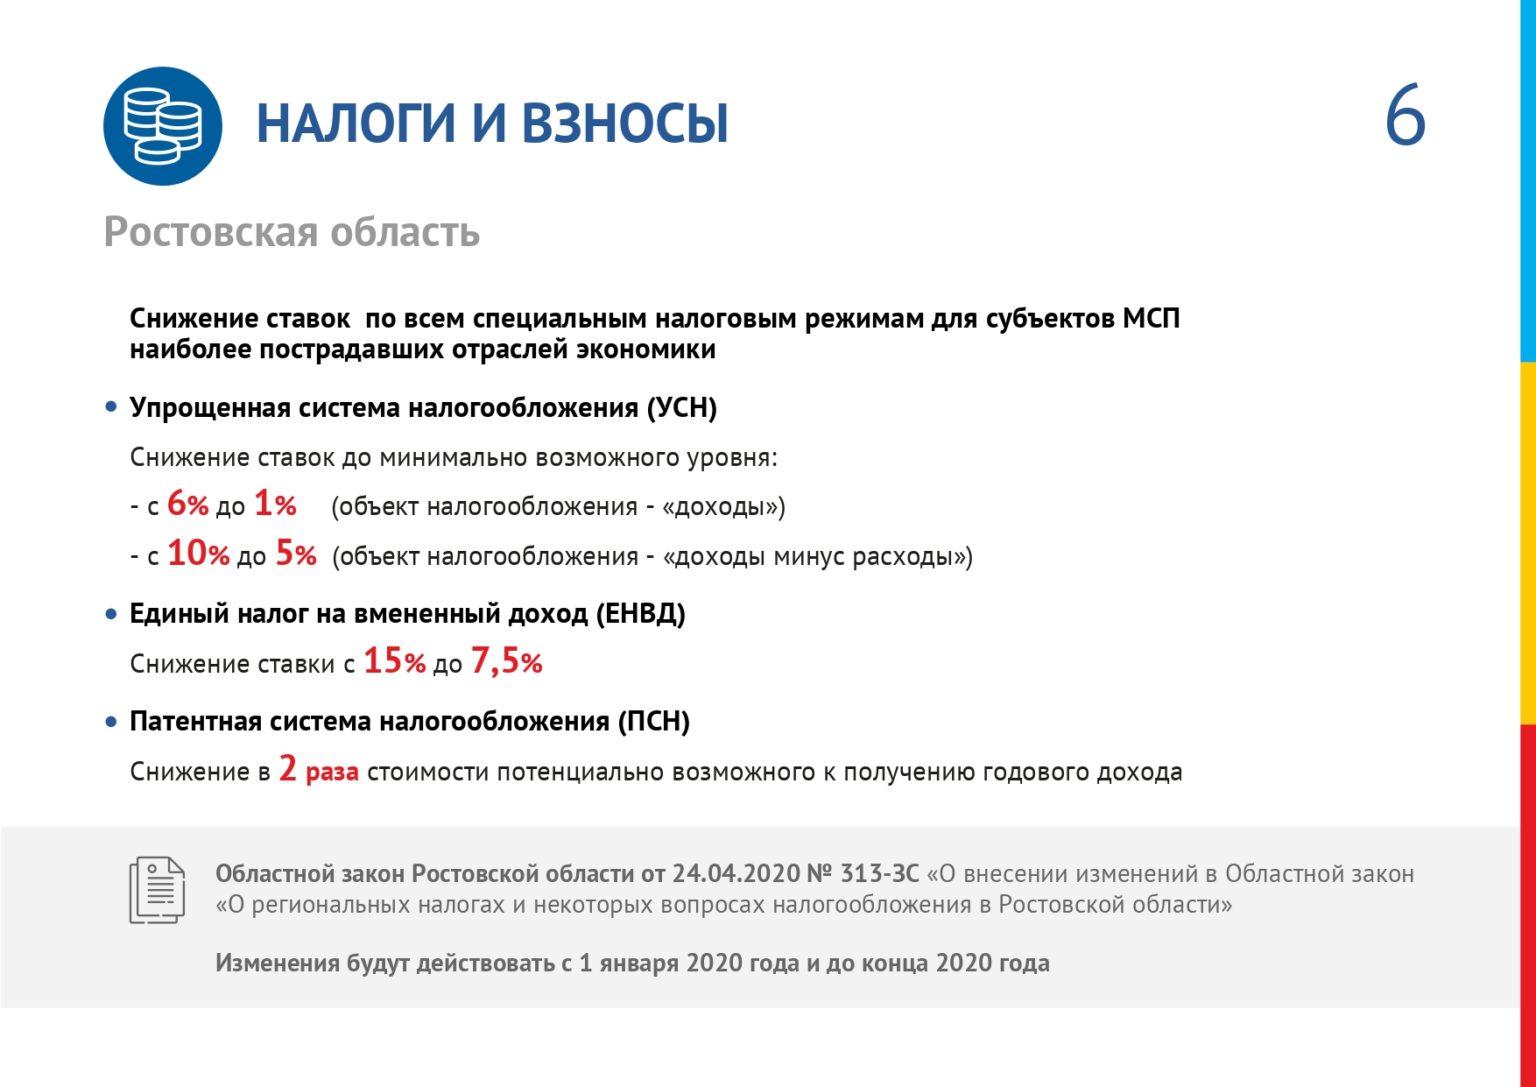 Презентация_page-0006